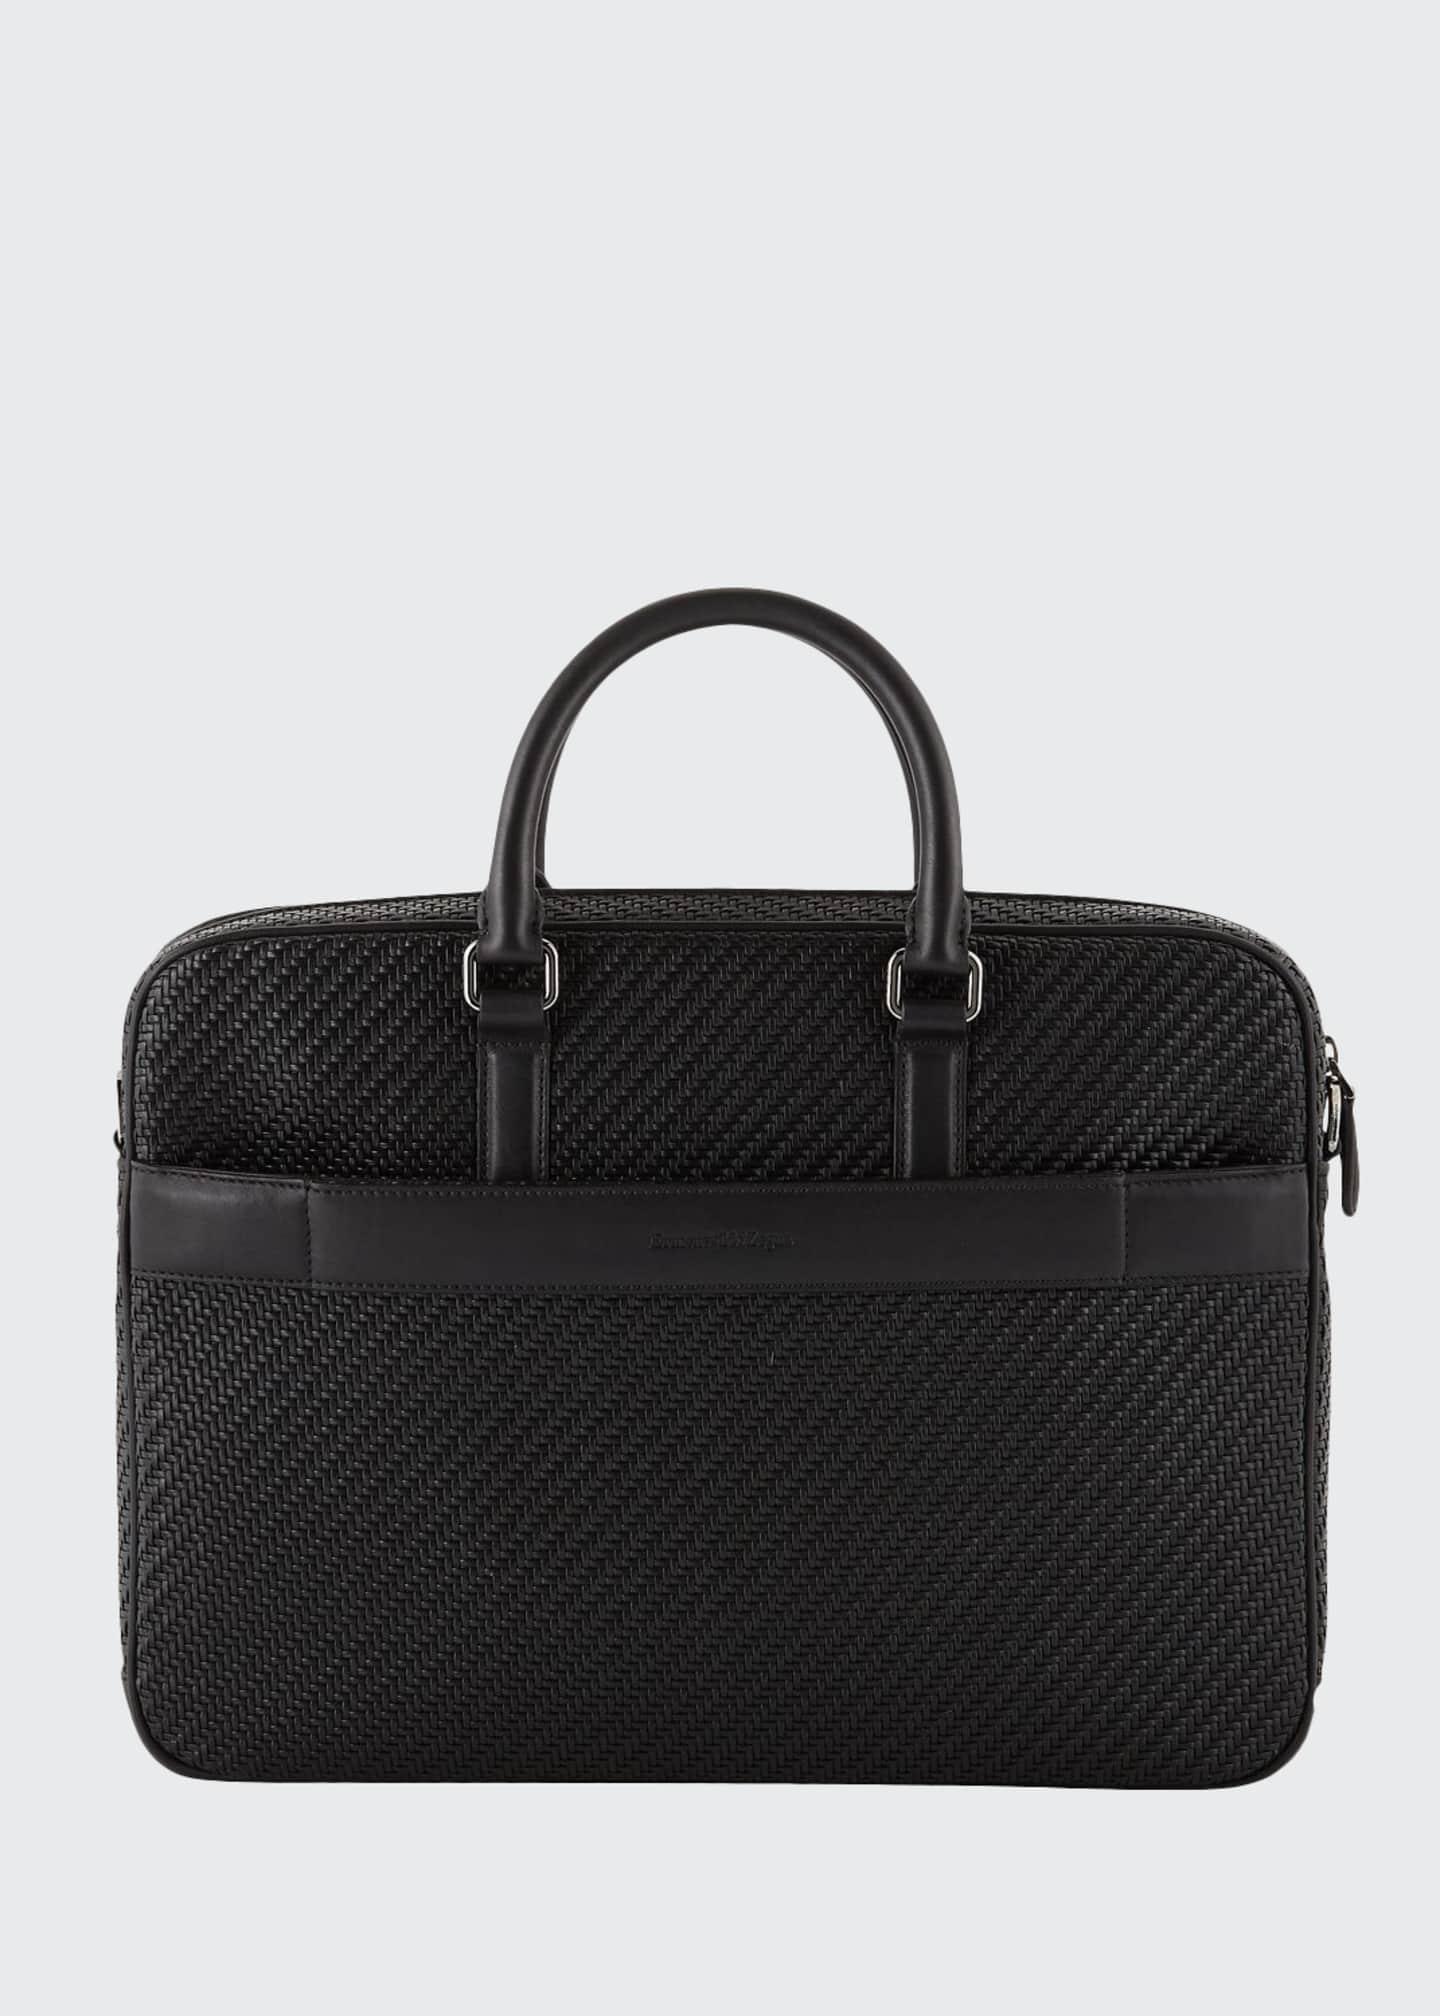 Ermenegildo Zegna Men's Pelle Business Bag